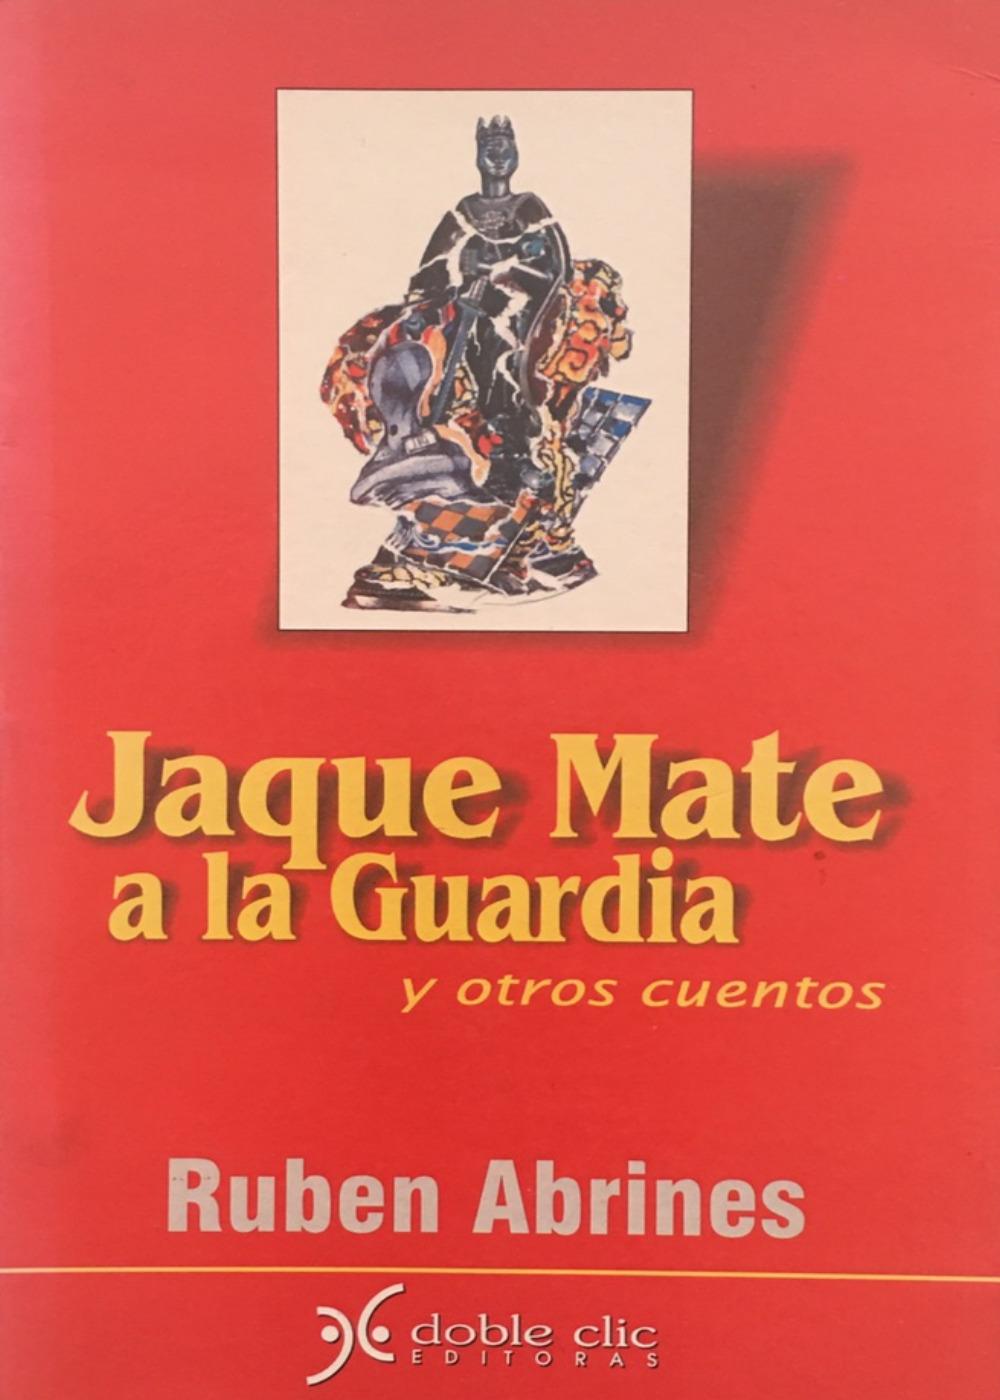 Jaque Mate a la Guardia y otros cuentos